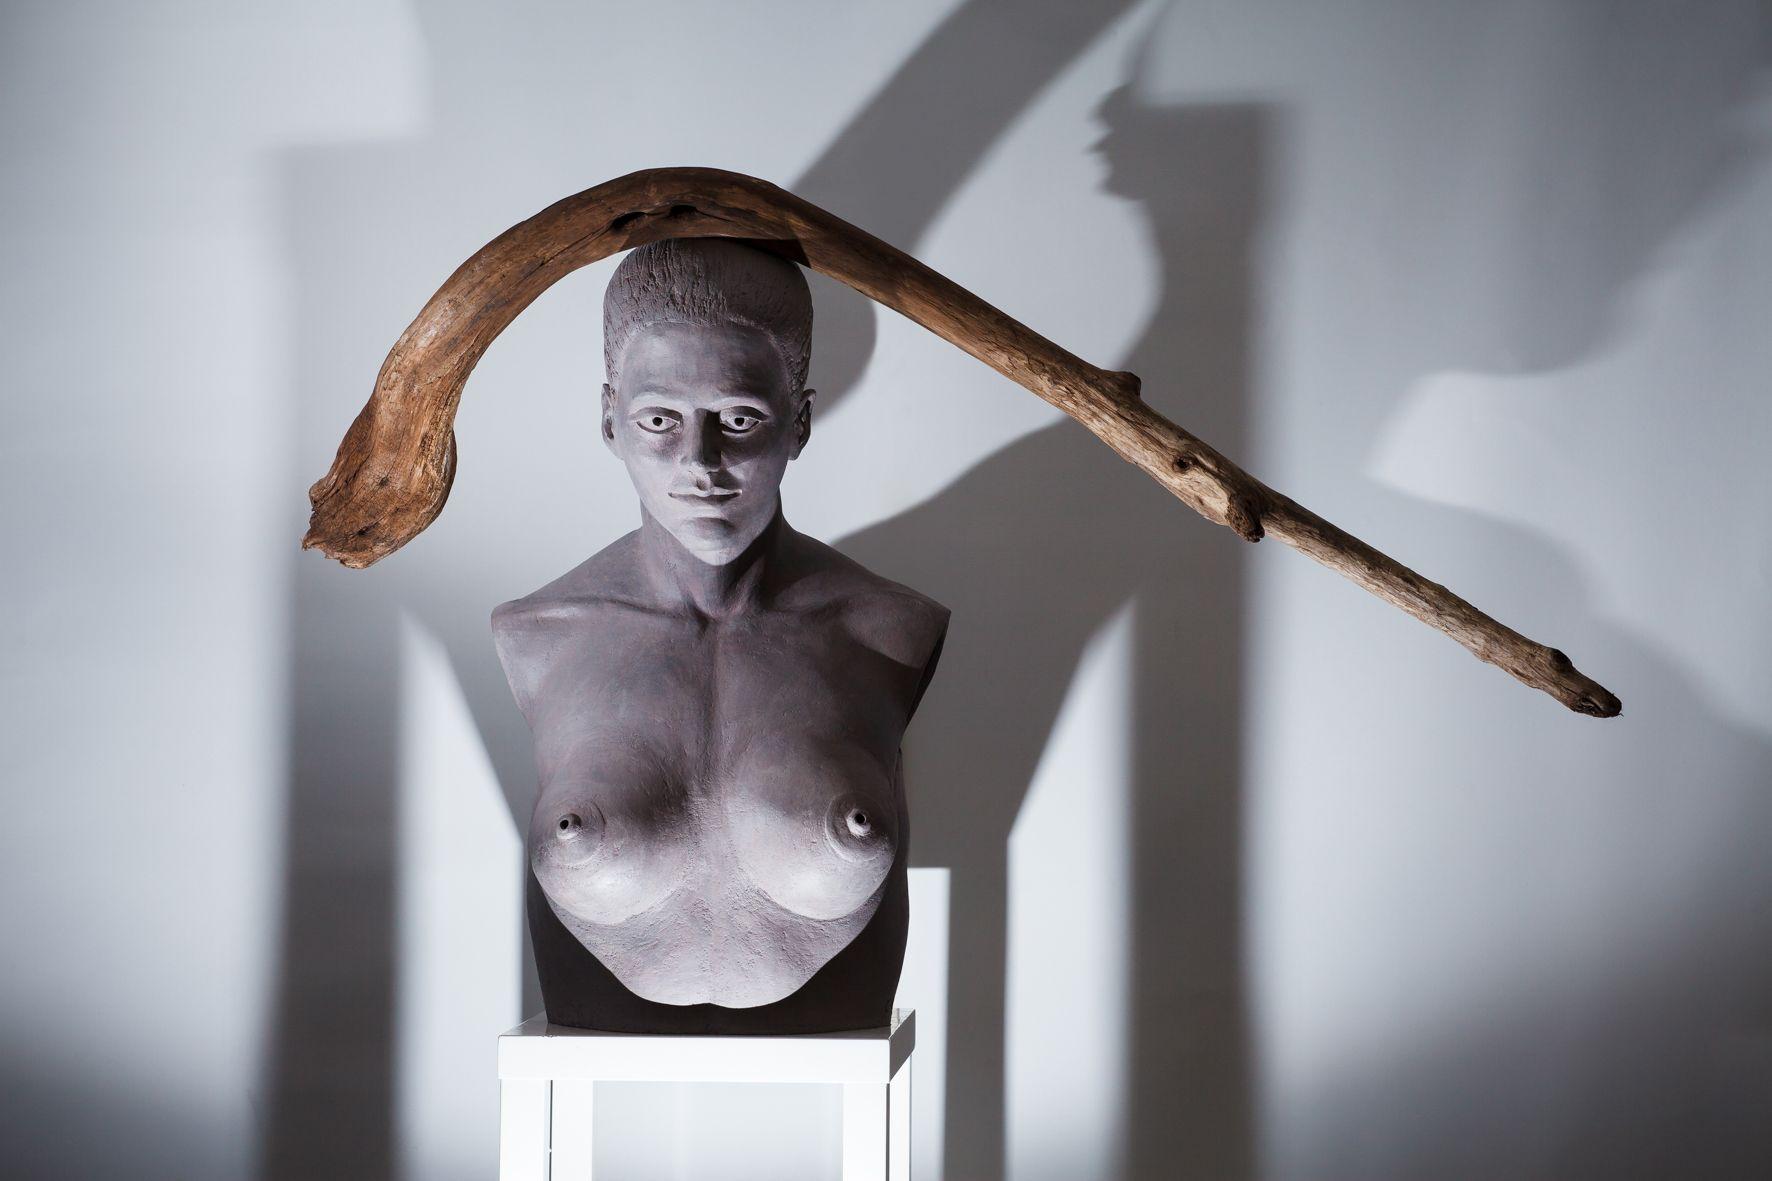 Reproduktion für: http://www.ckruesi.ch/. Skulptur: Christina Krüsi